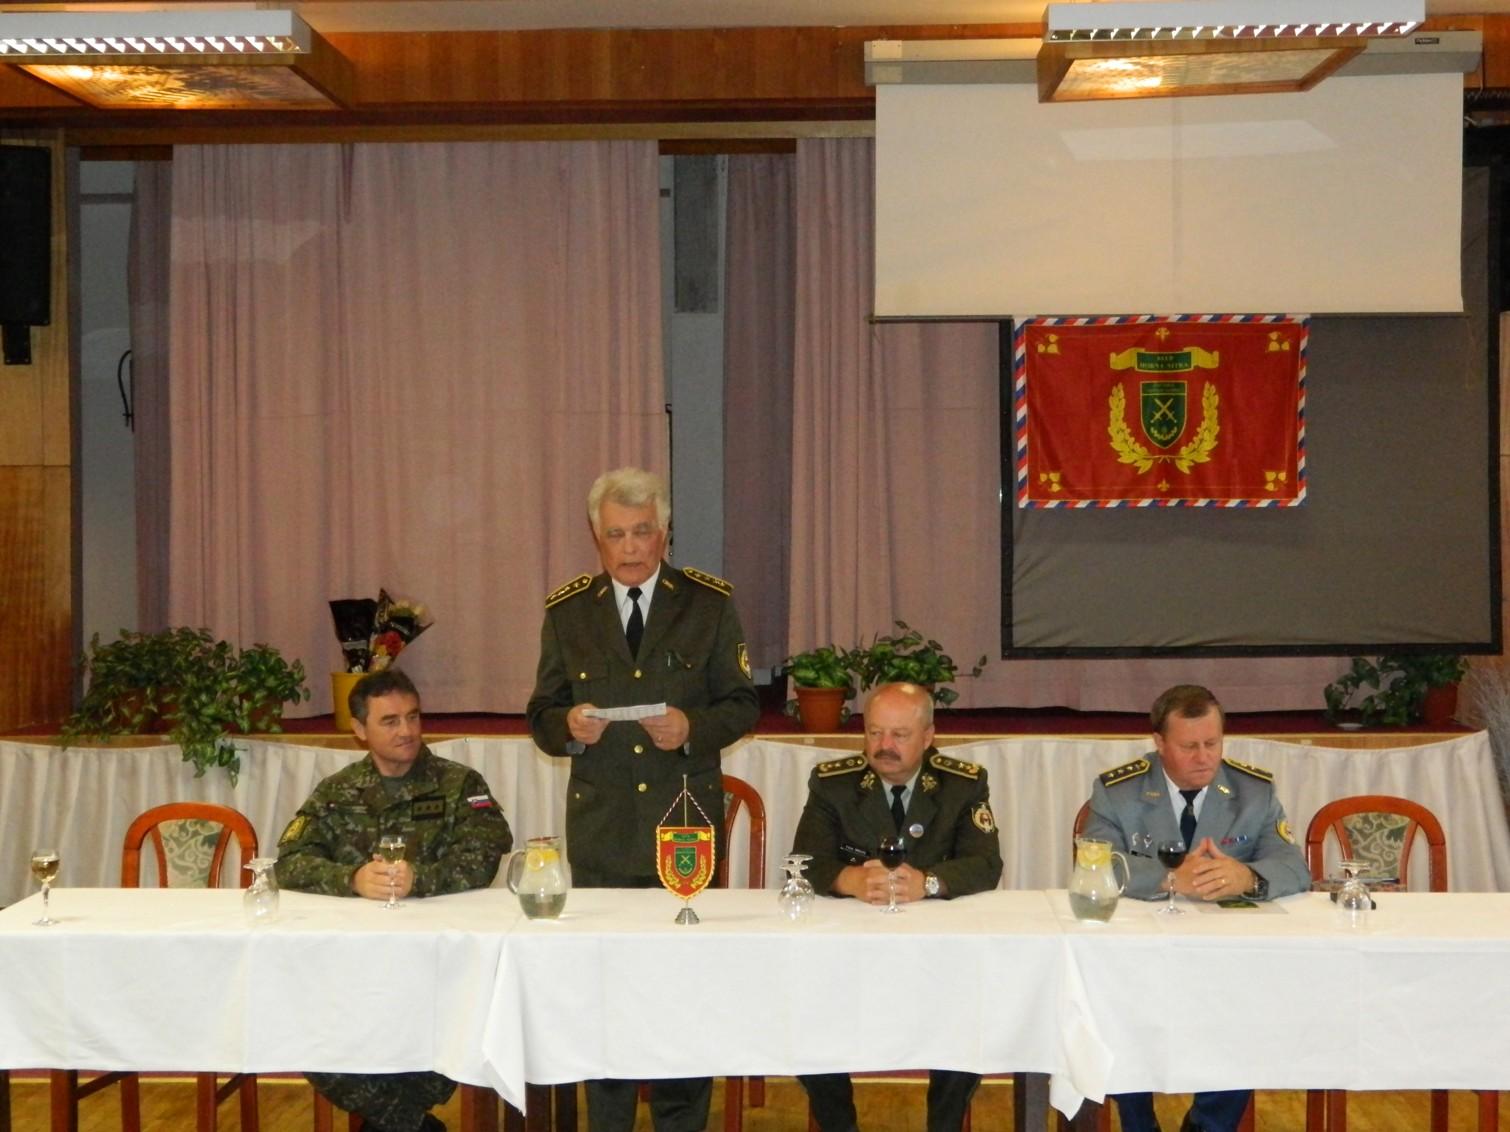 Mezinárodní vojenský výstup na Kriváň XXI – foto.